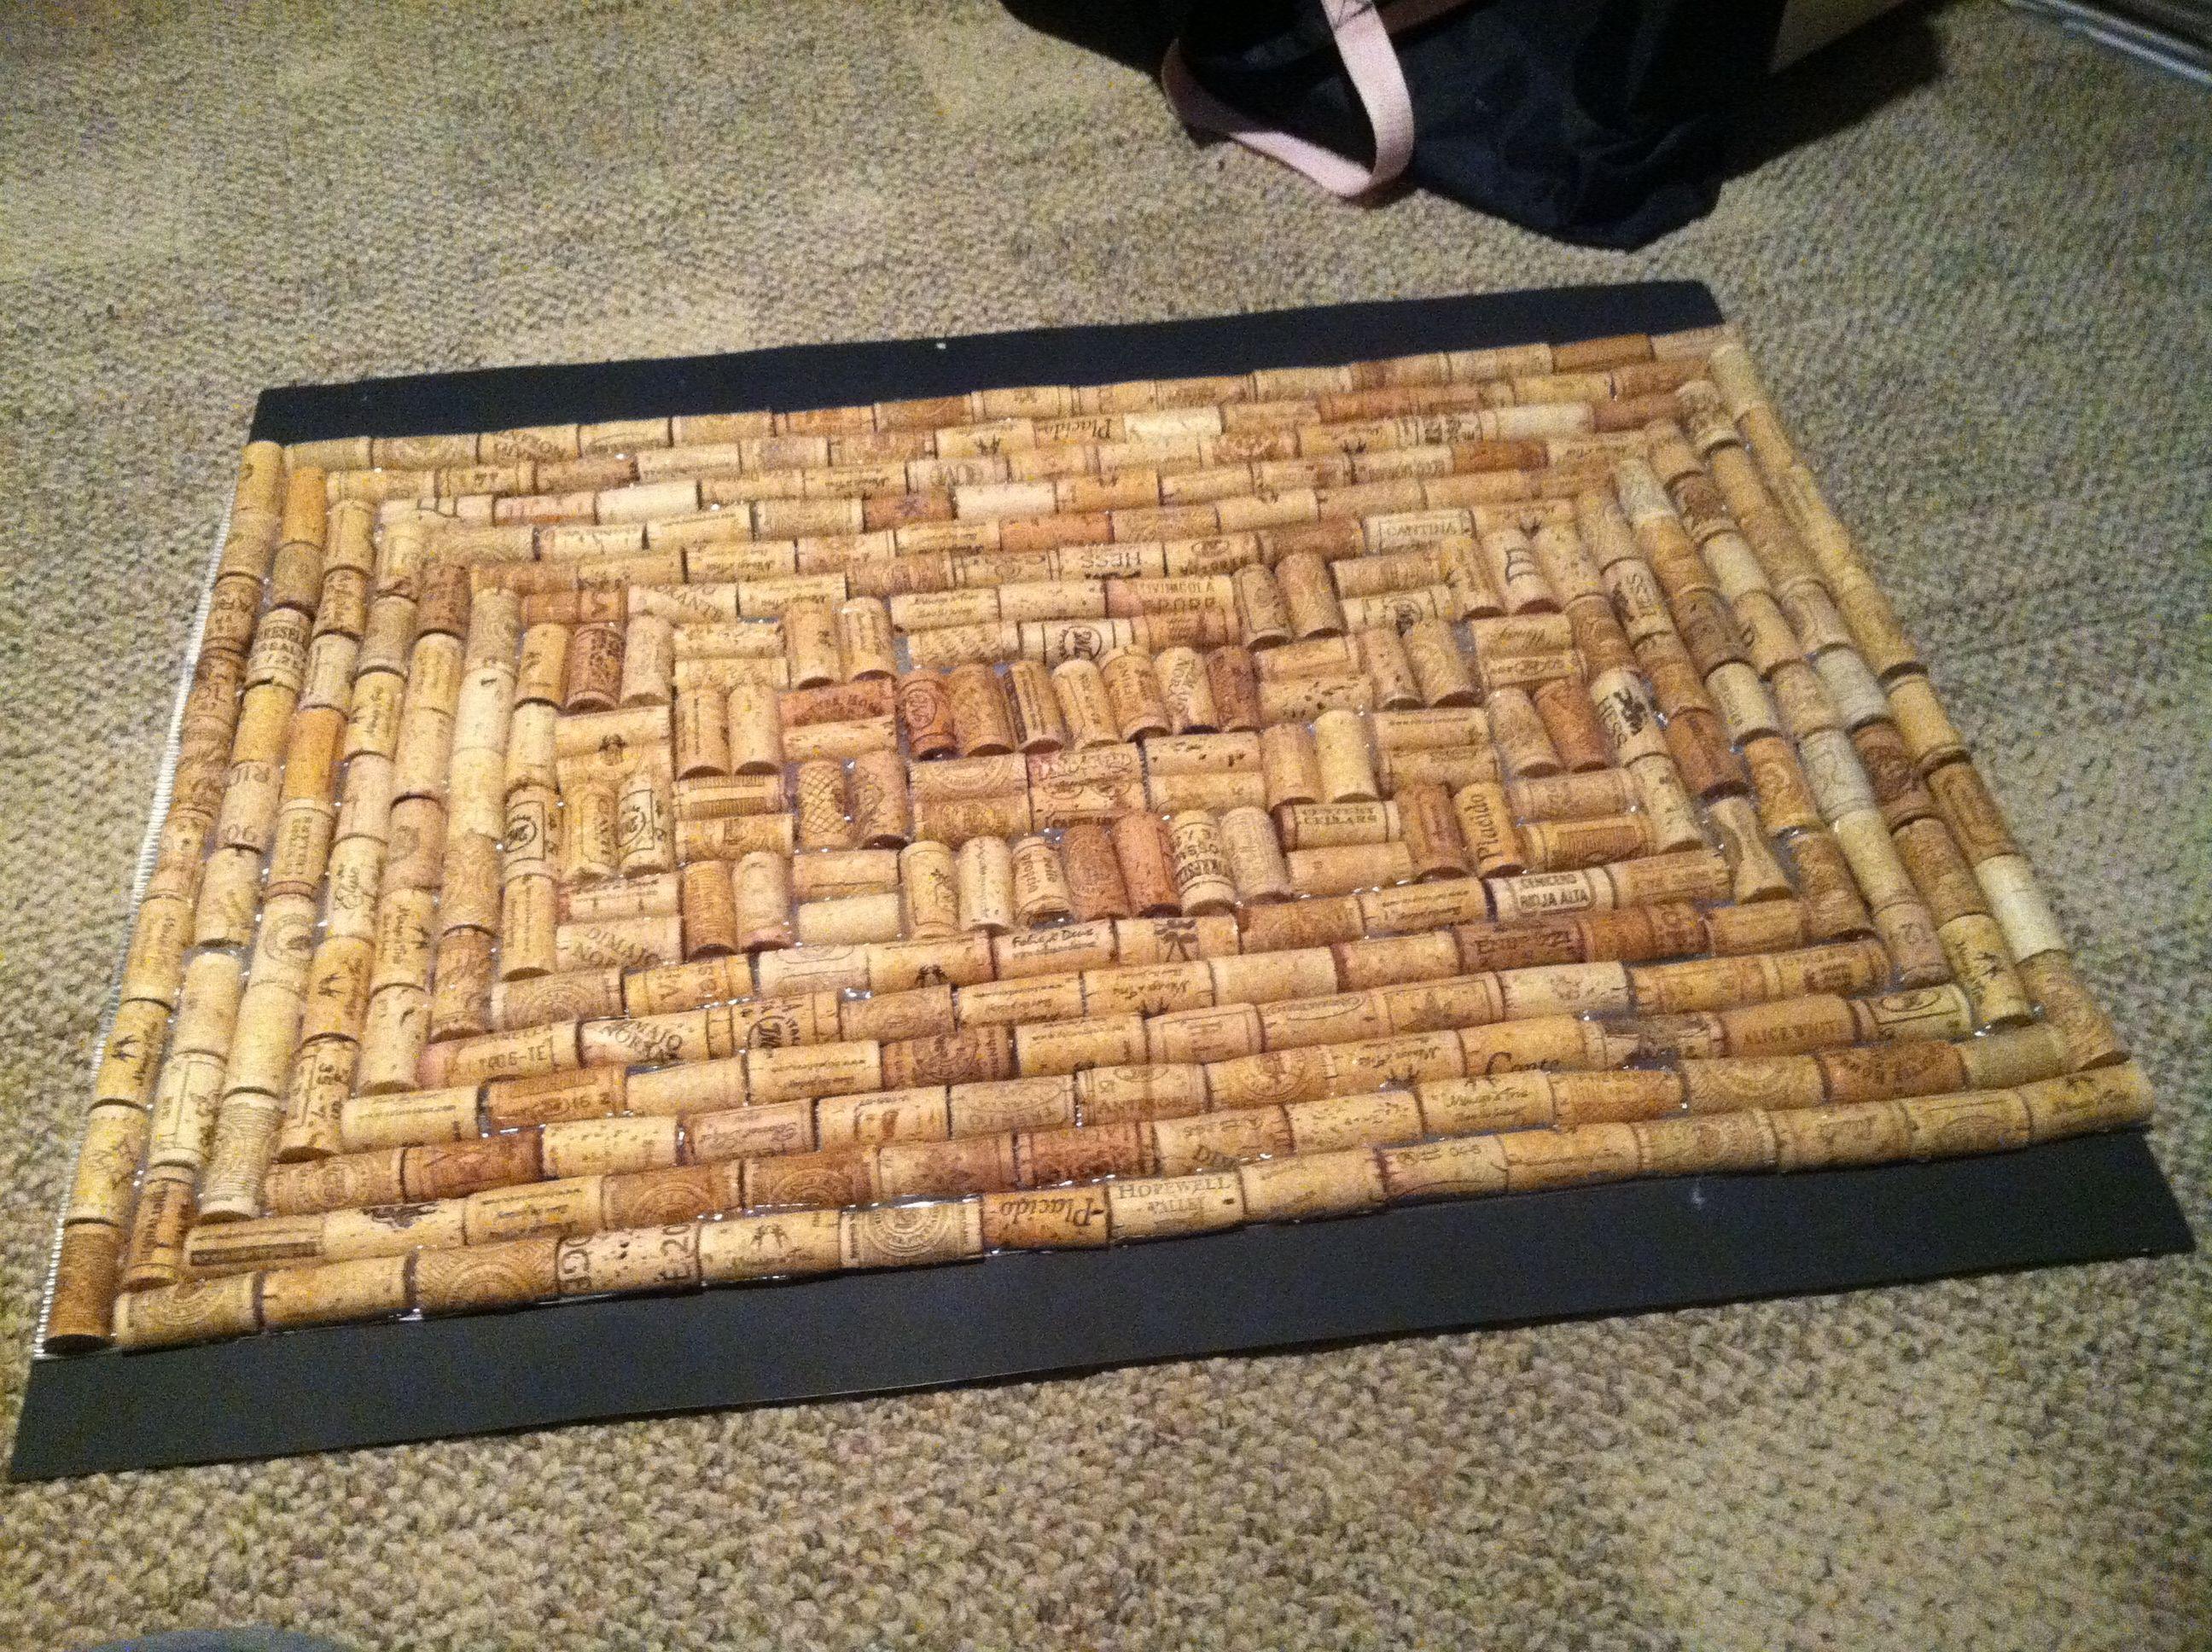 Cork Floor Mat With Images Cork Flooring